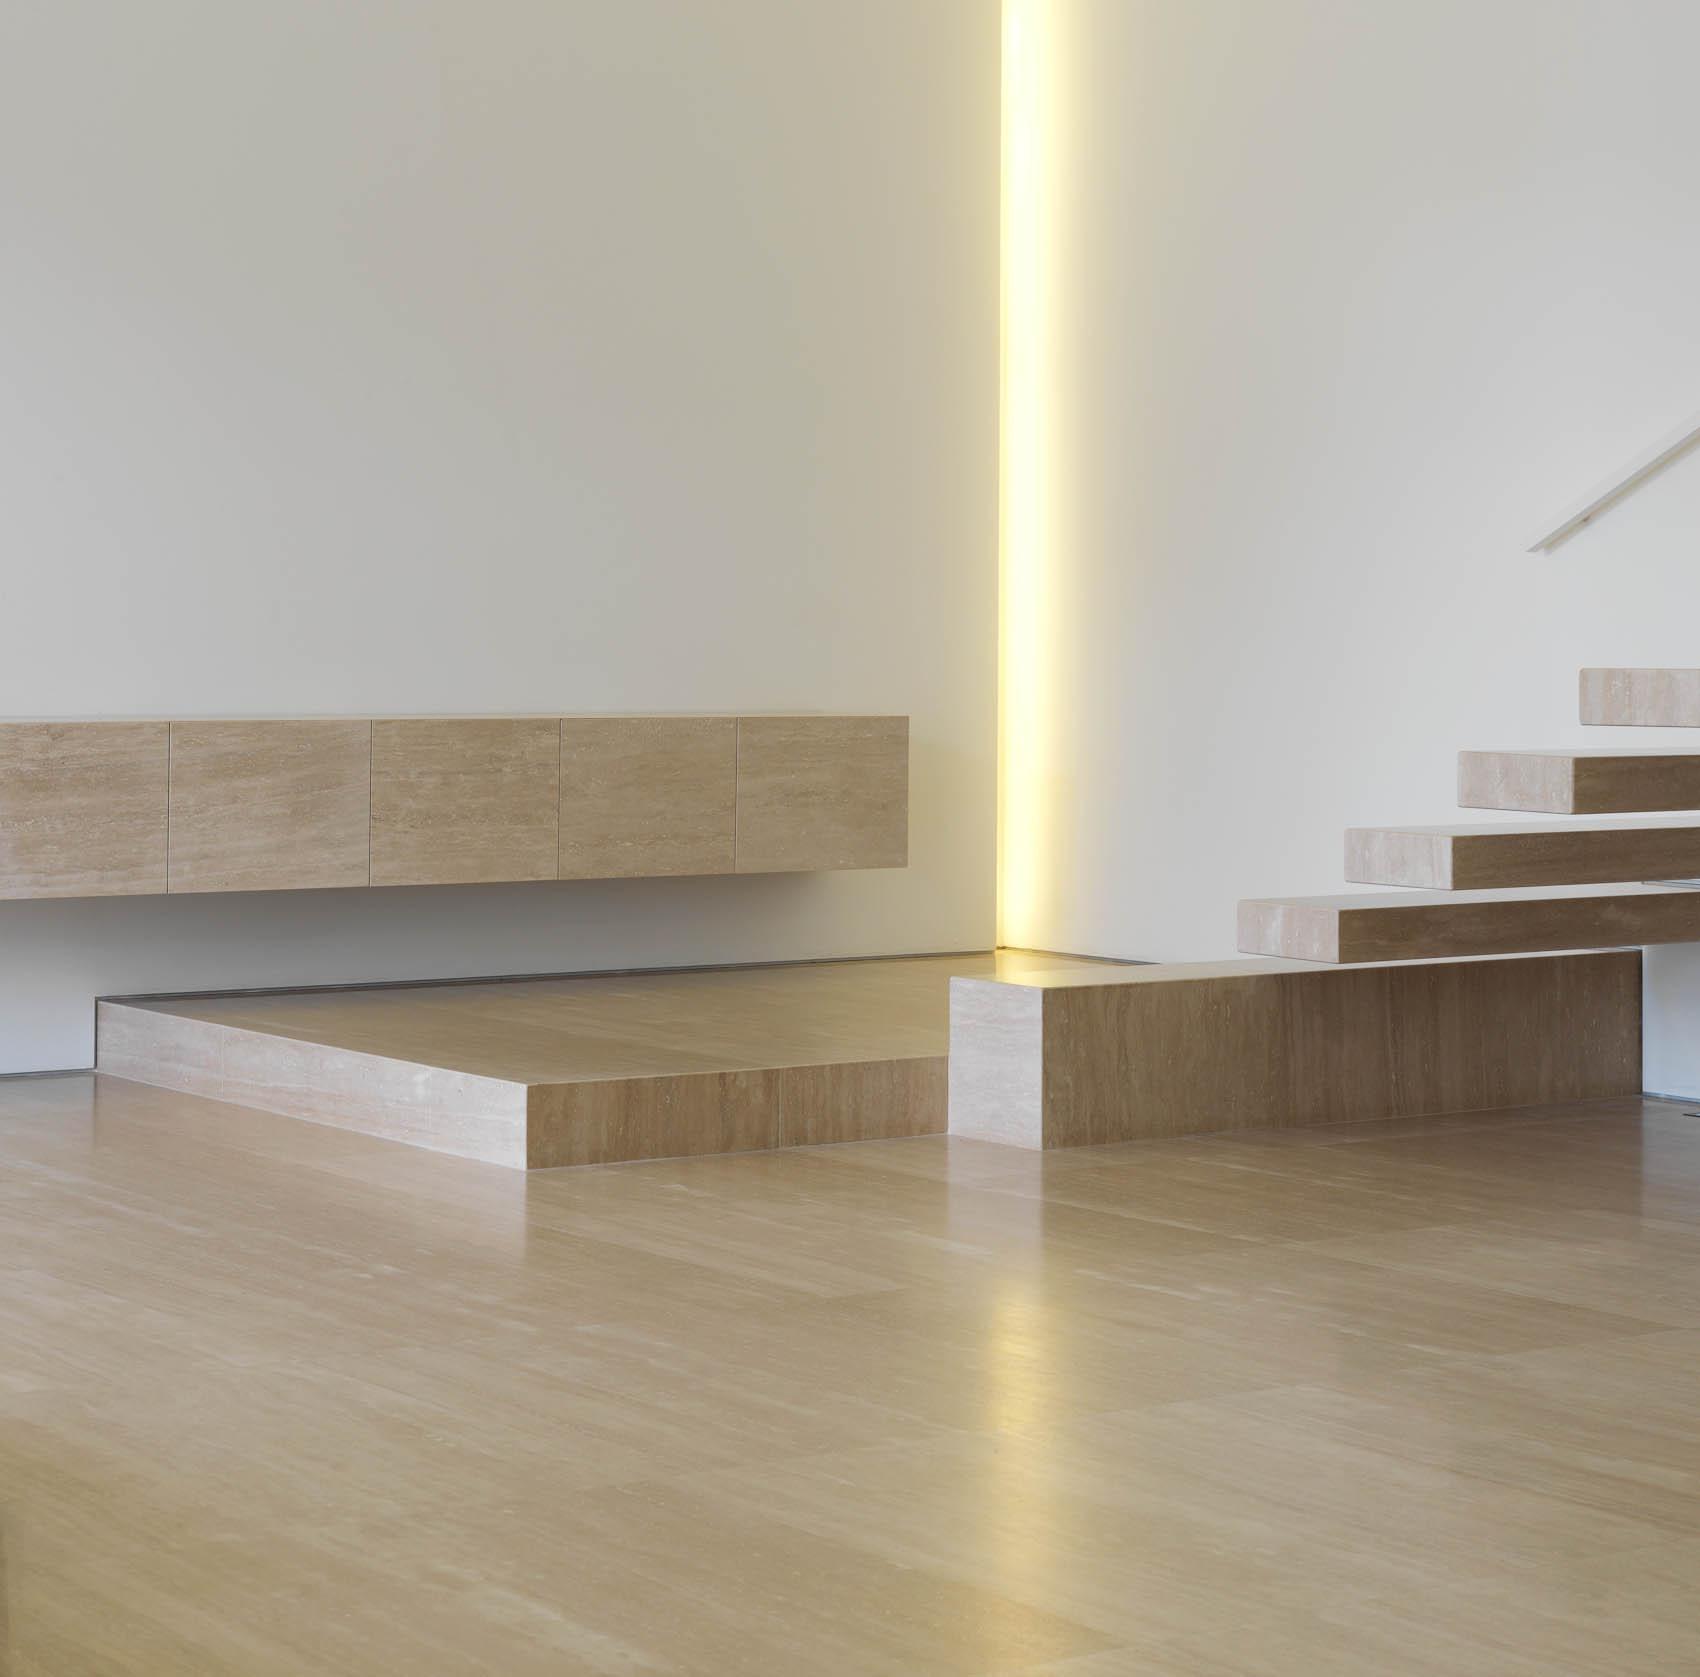 Architecture Best Interior Design Websites: Soldati House Interior By Victor Vasilev